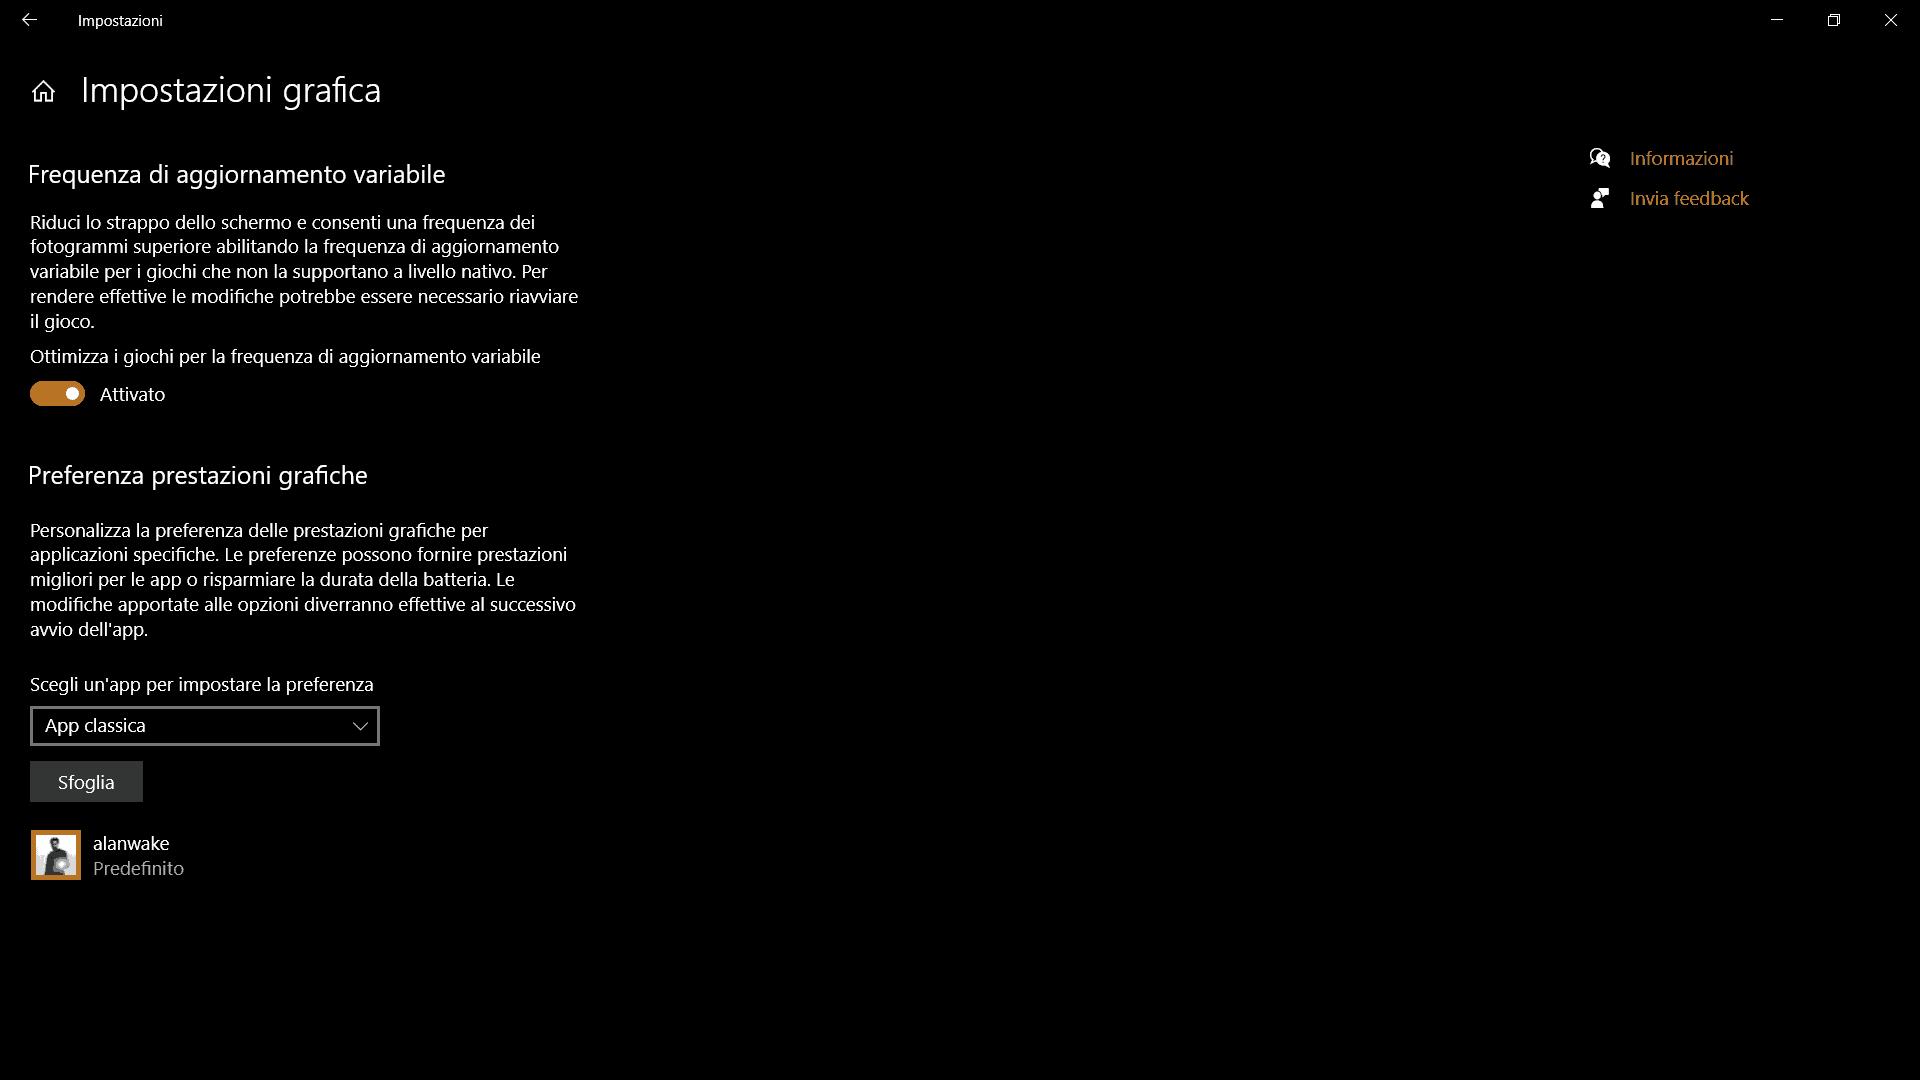 Pannello Impostazioni grafica di Windows 10